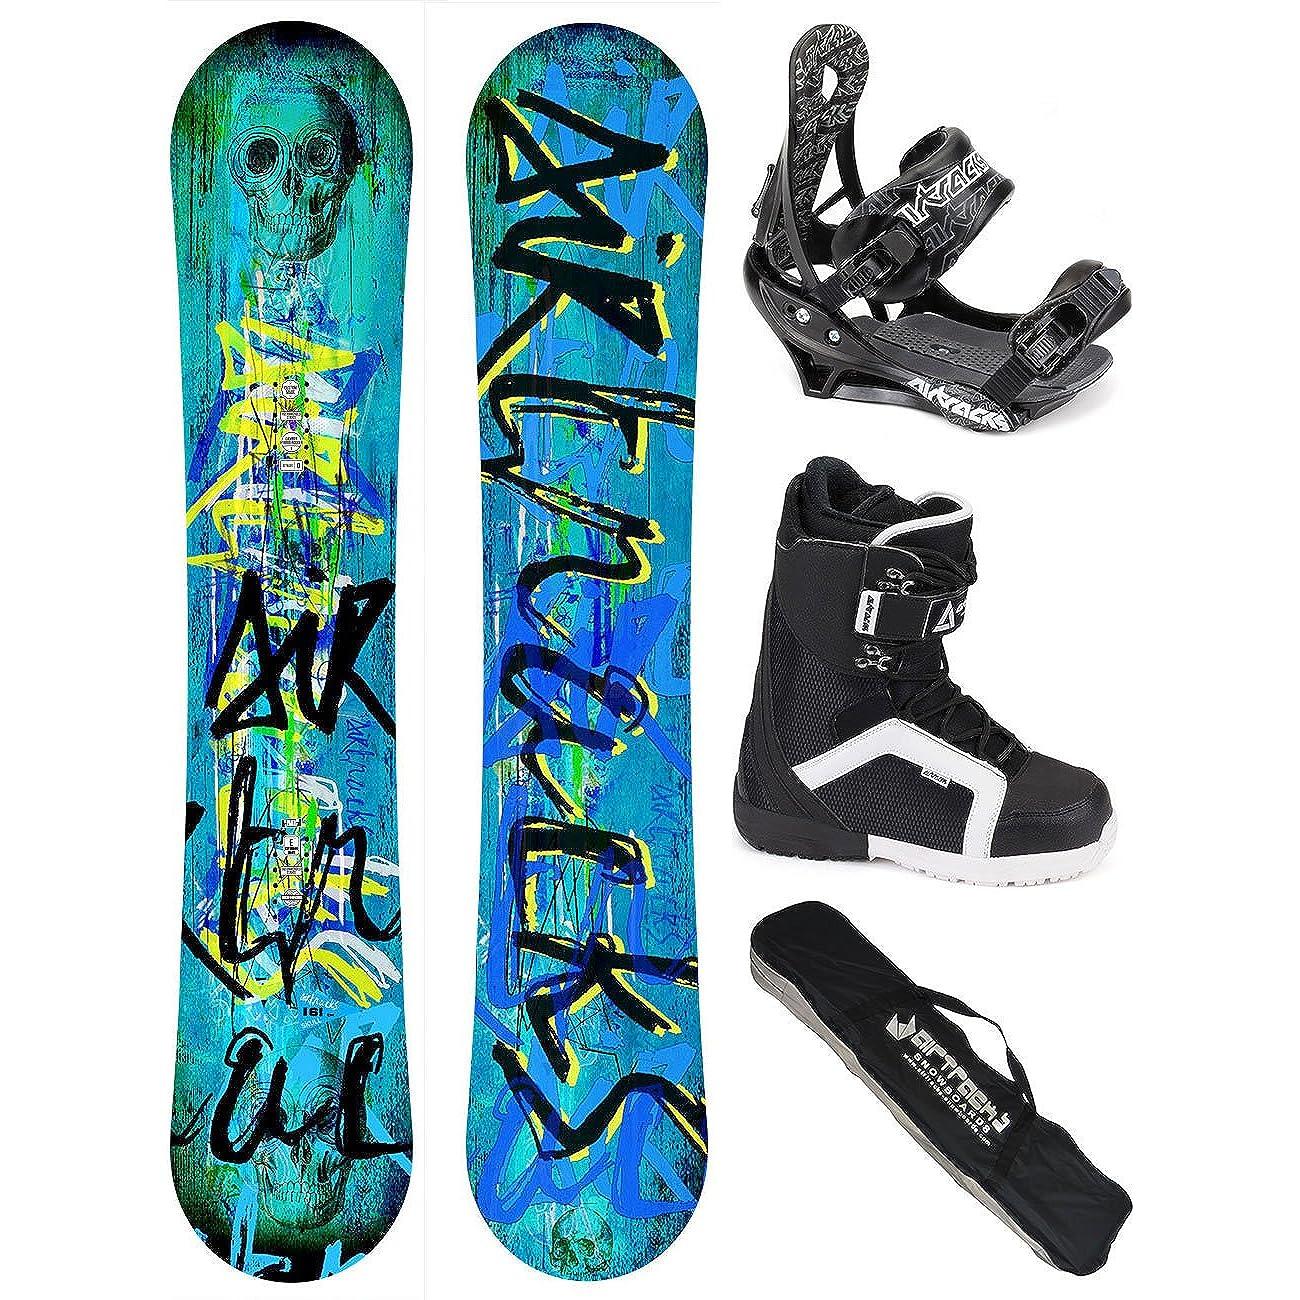 Im Set (z.B. von Airtracks) sind Snowboards oft gnüstiger.